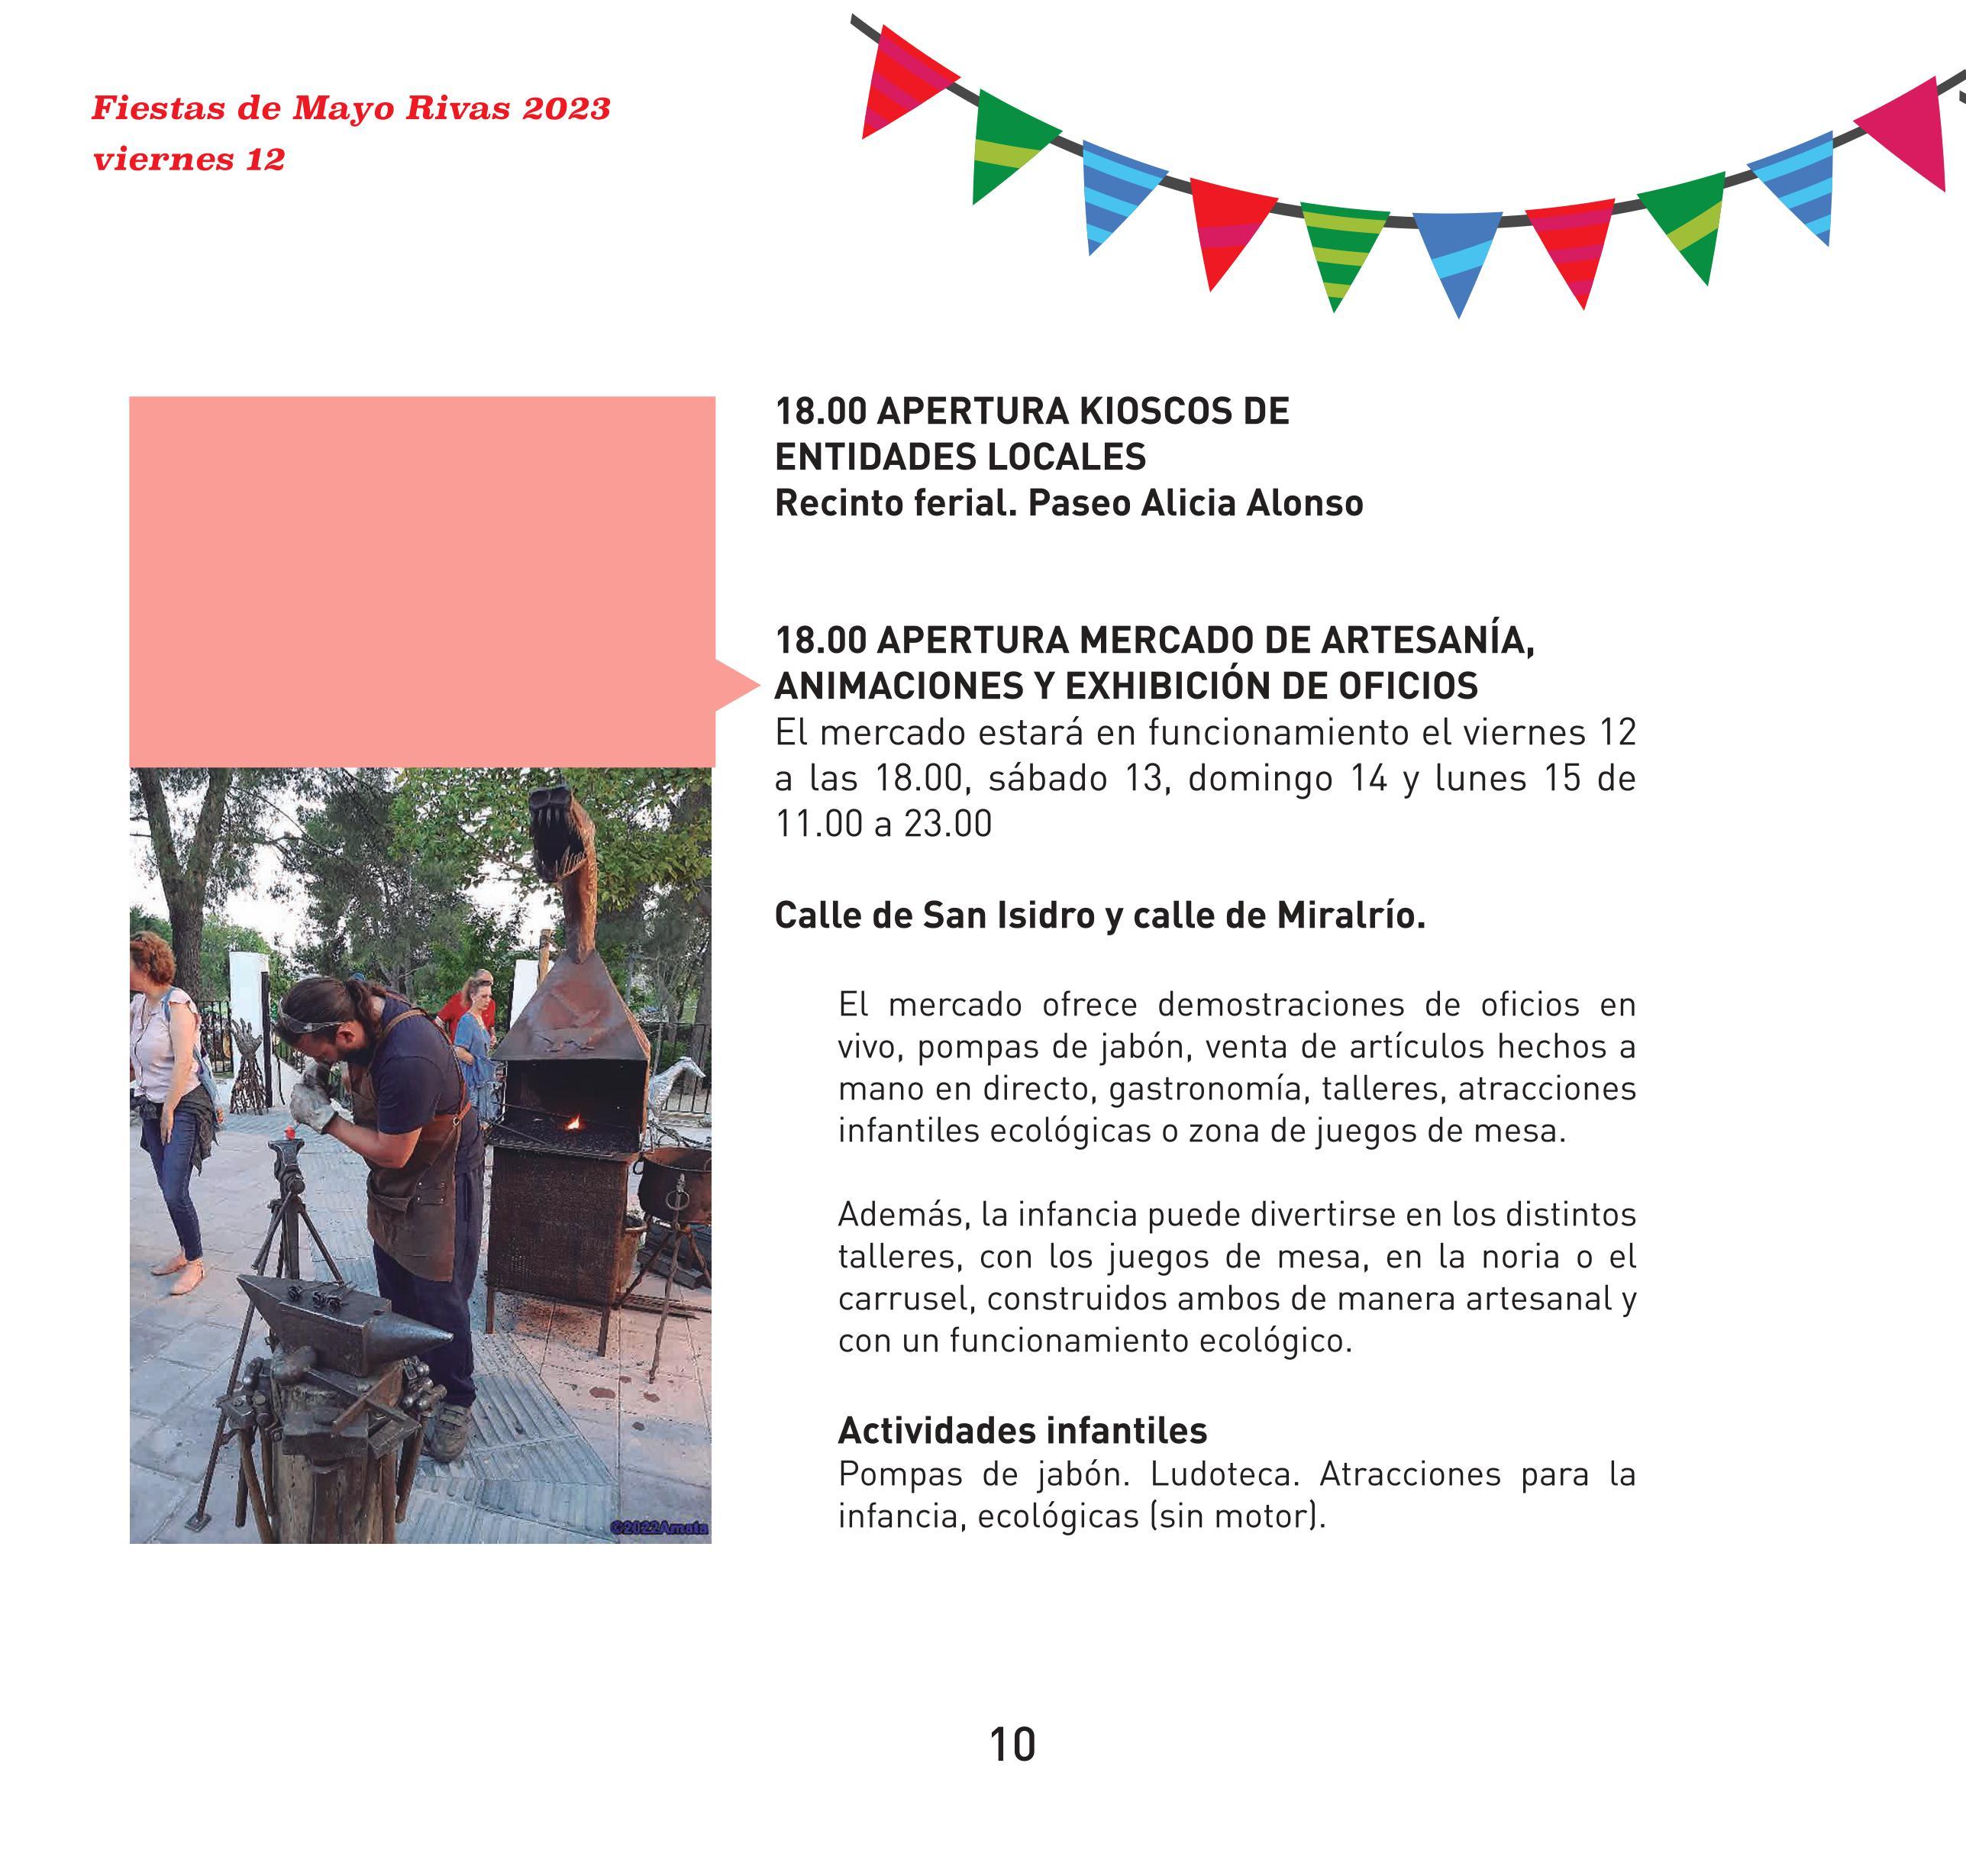 Programa de las Fiestas de Mayo en Rivas Vaciamadrid